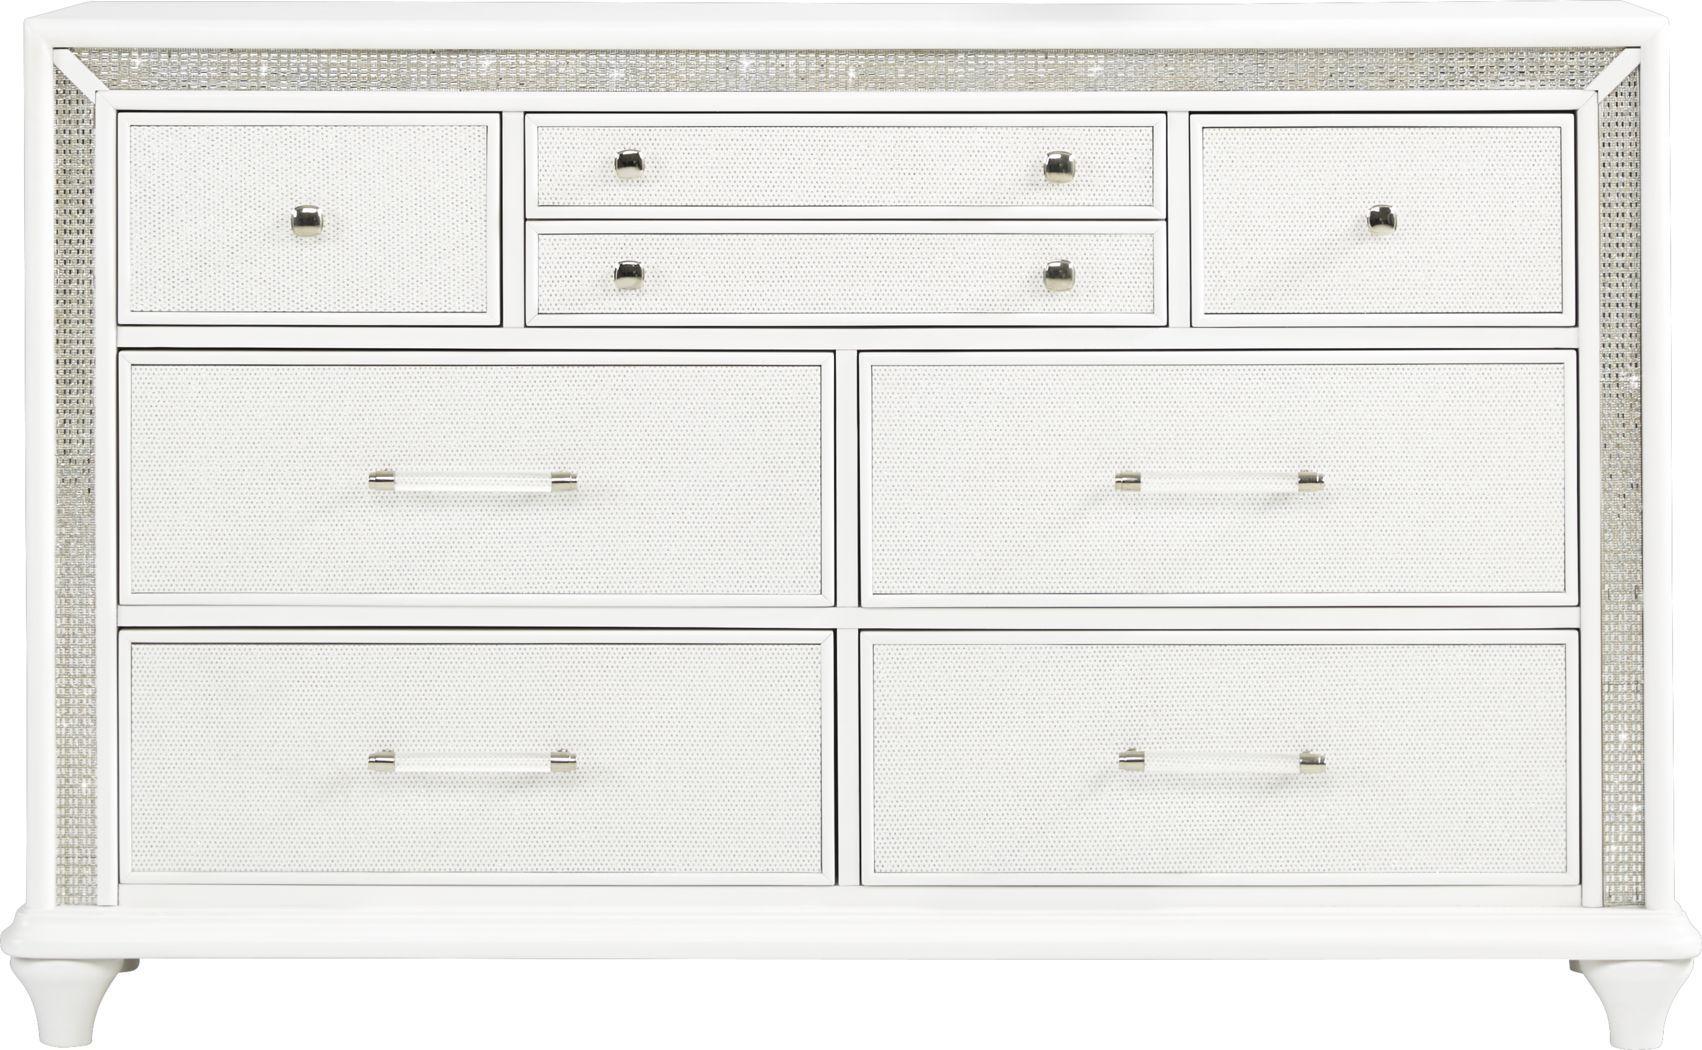 Sofia Vergara Vegas White Dresser White Dresser Dressers For Sale Bedroom Panel [ 1050 x 1702 Pixel ]